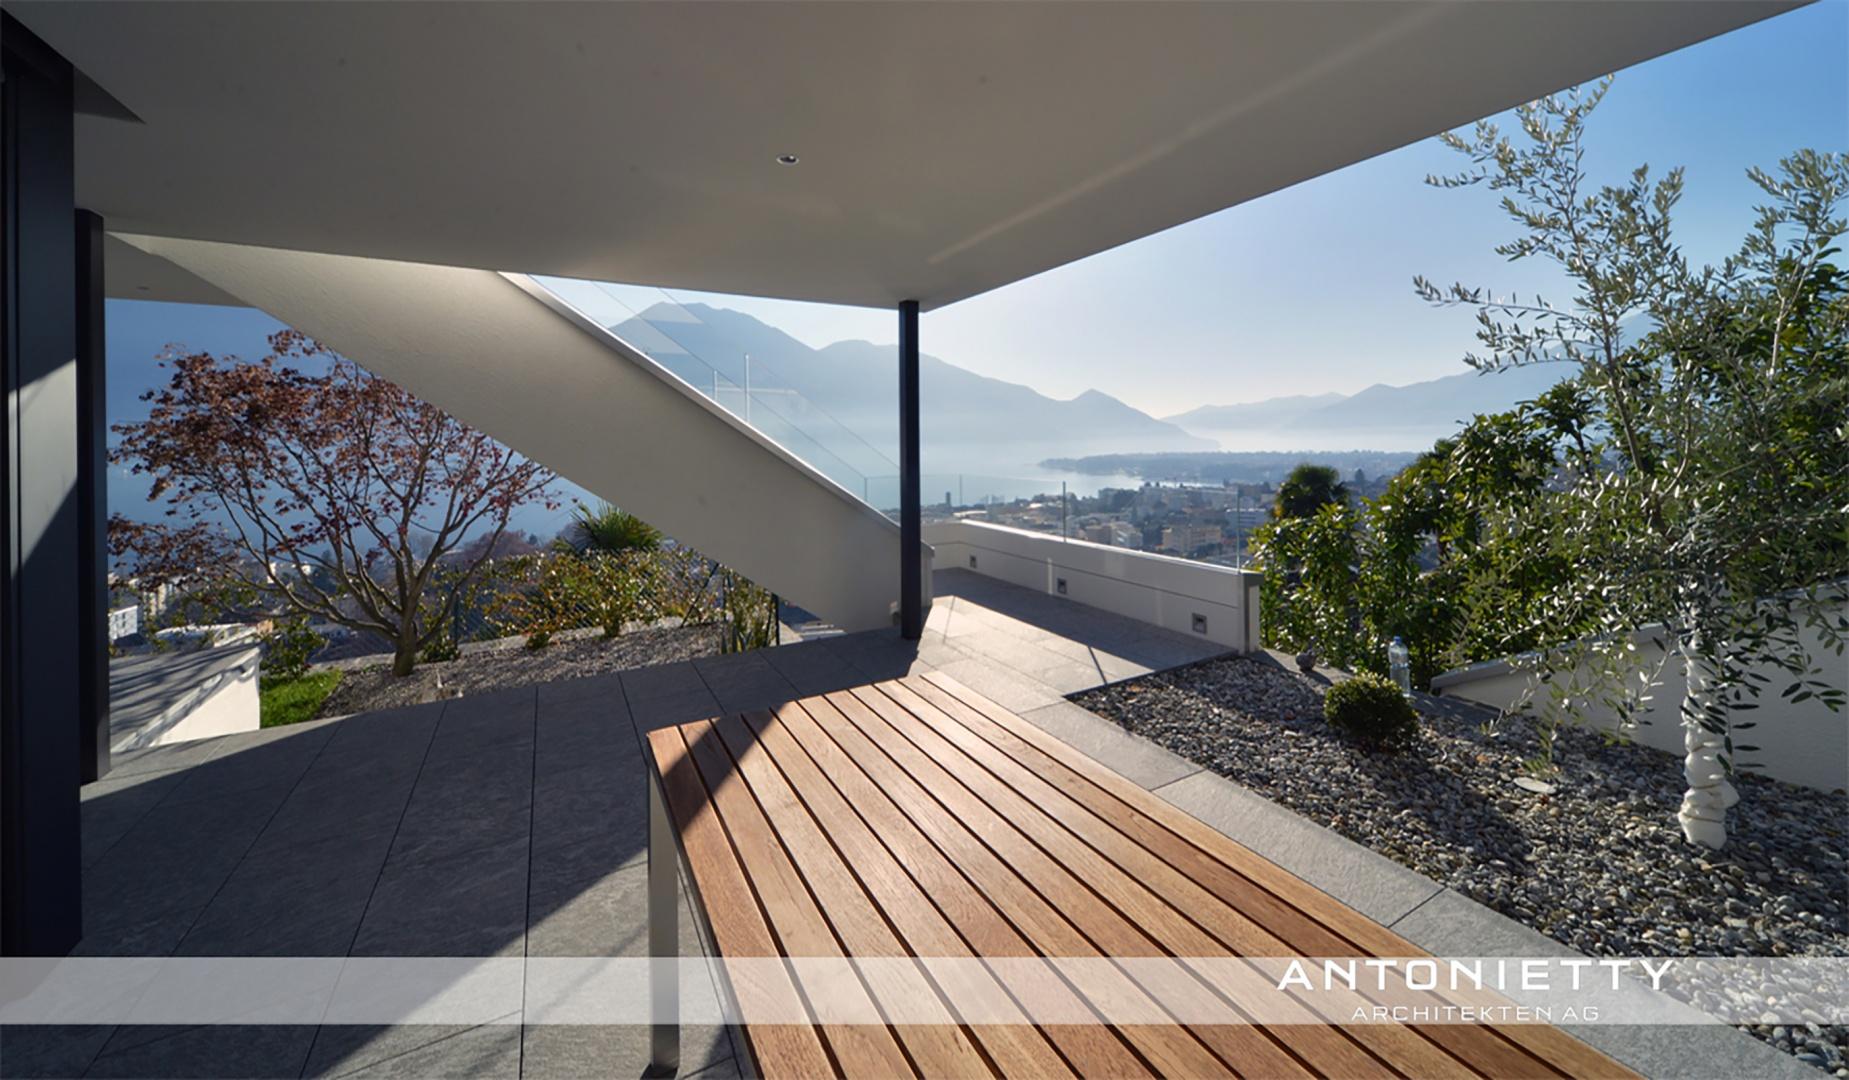 Terrasse © Carlos Antonietty, Antonietty Architekten AG, Bürgenstrasse 23, 6005 Luzern